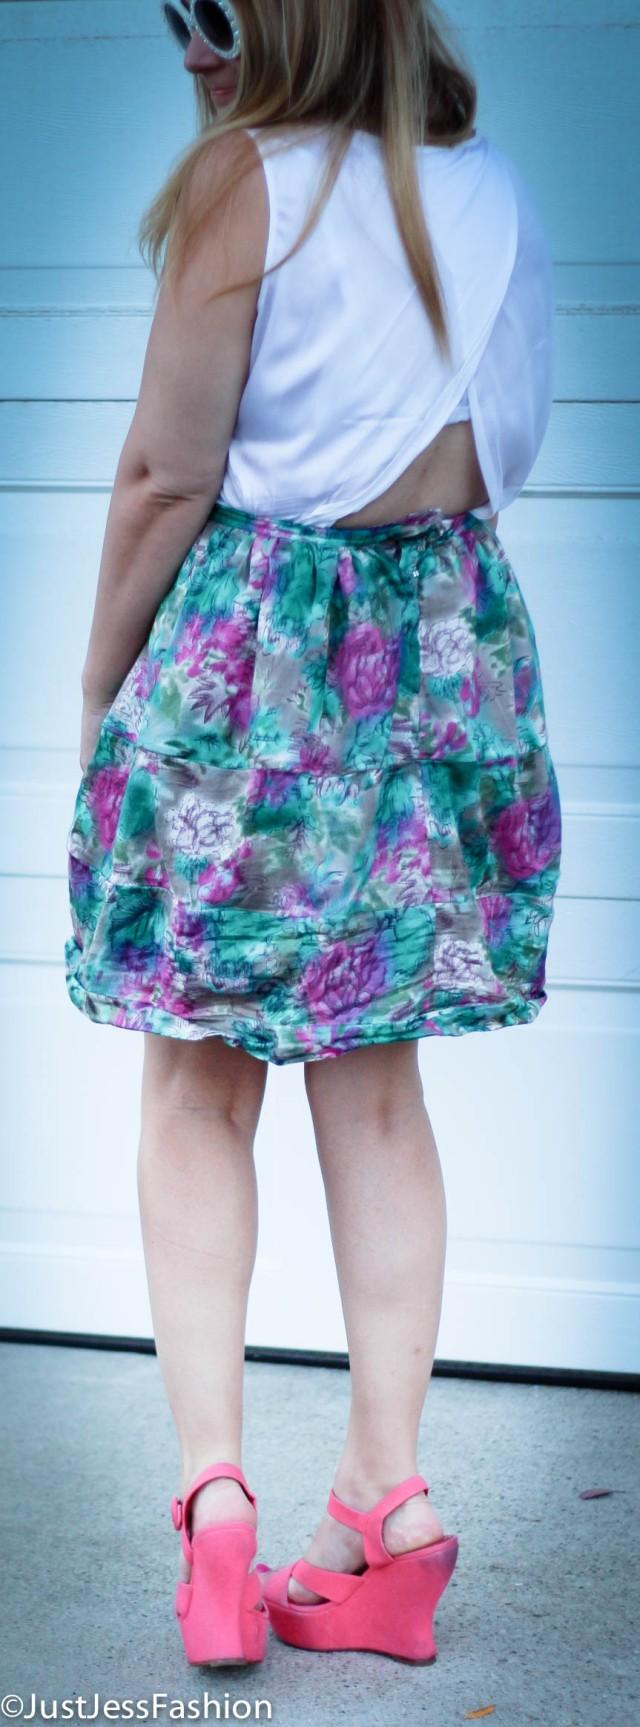 ejskirt3 (1 of 1)